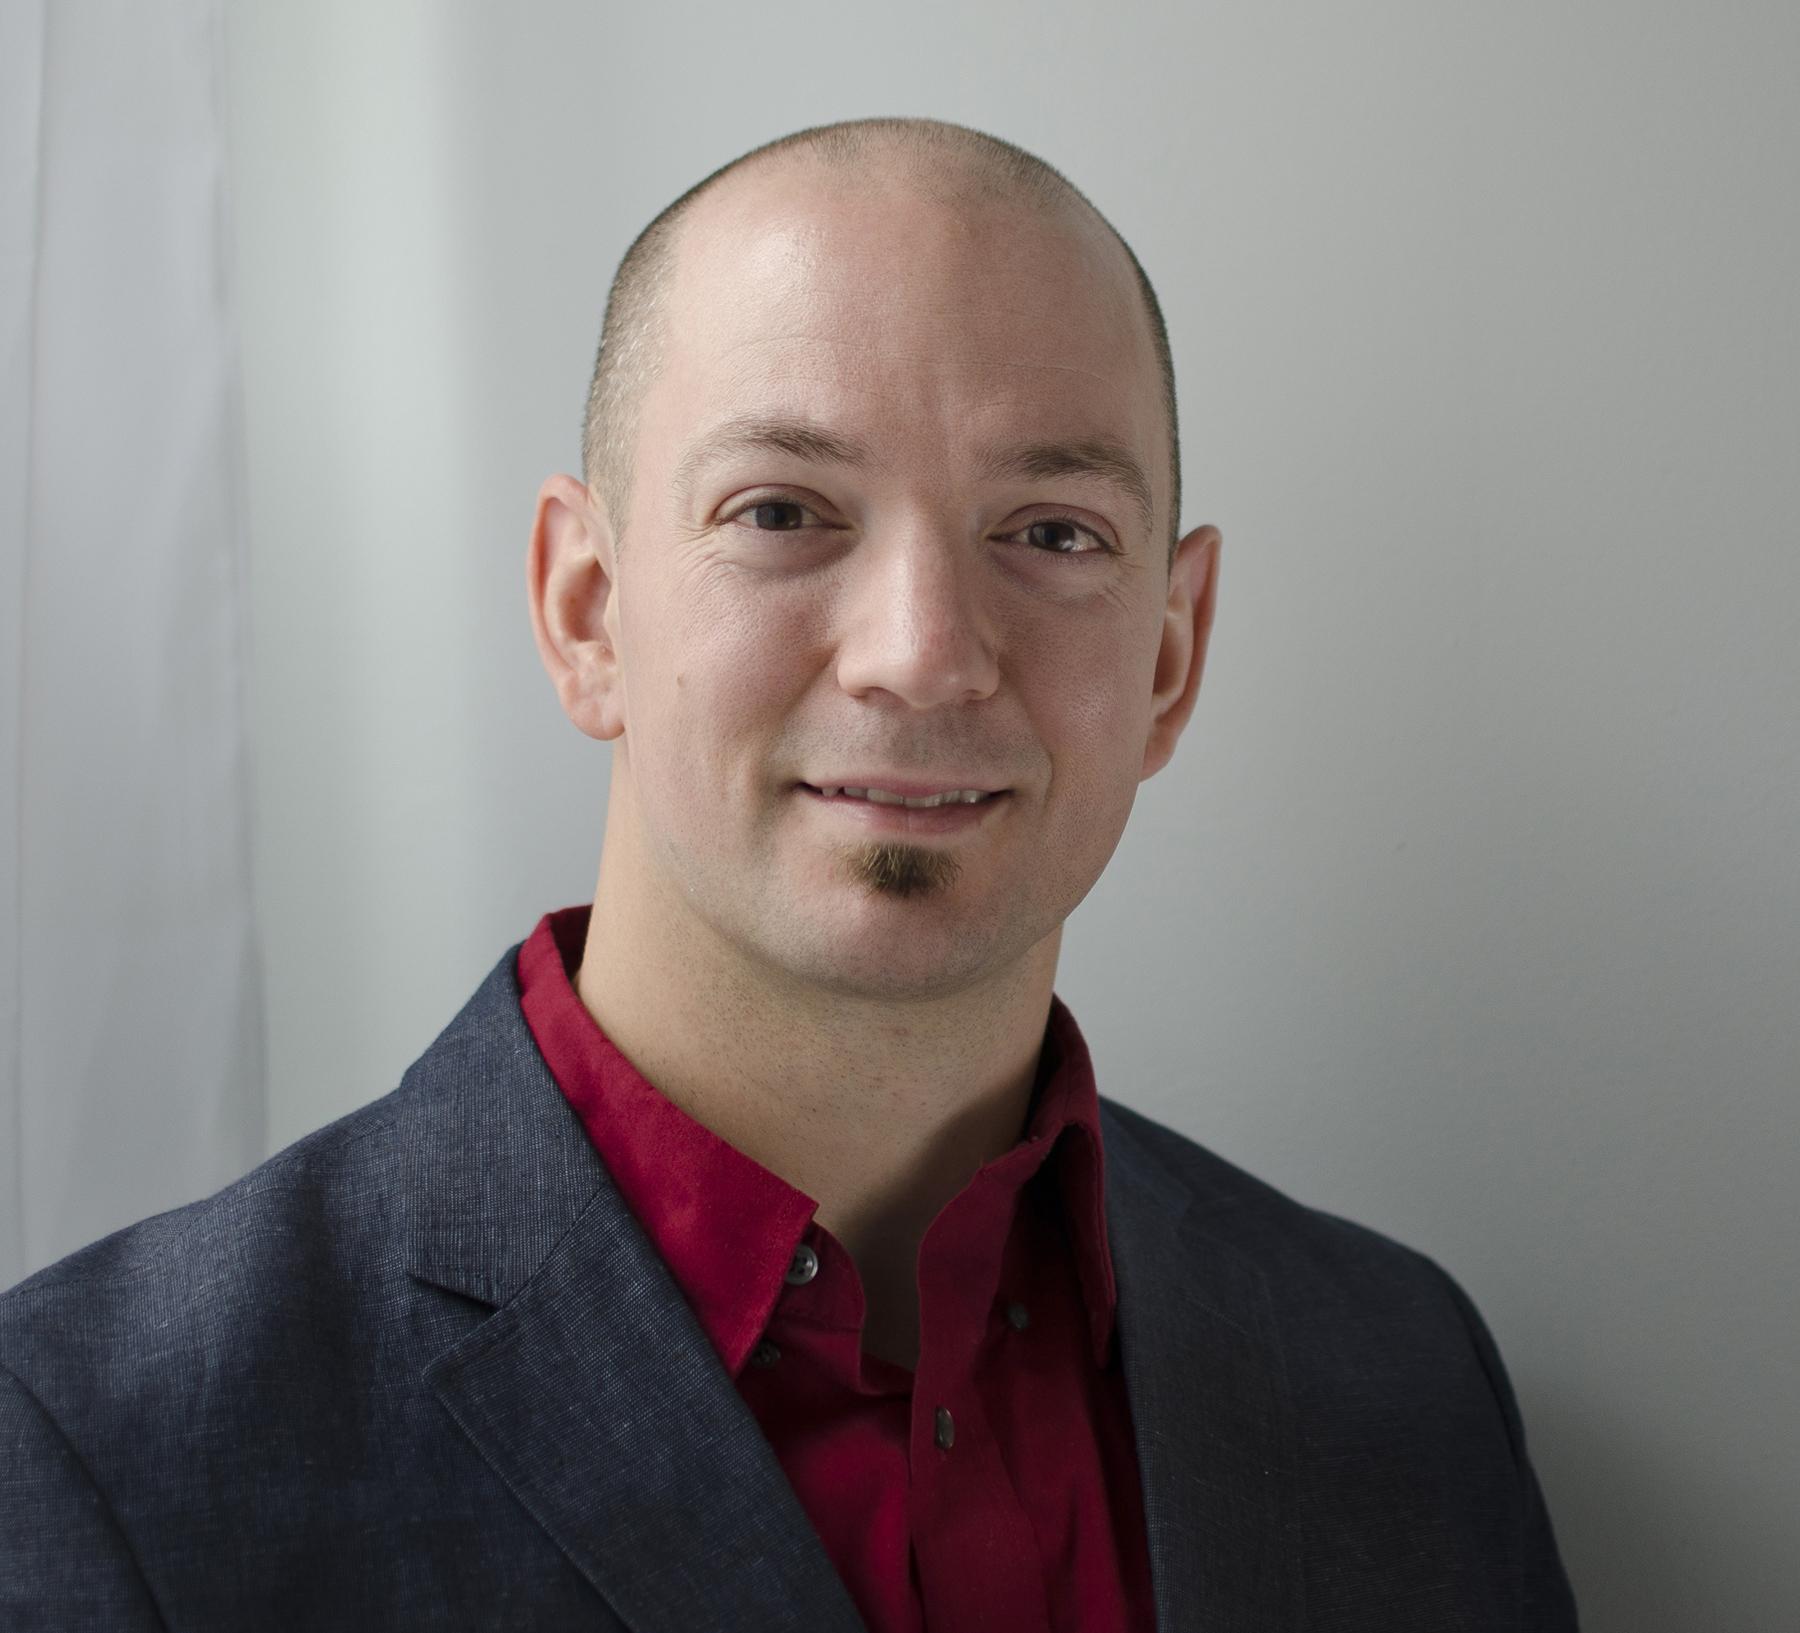 Paul Atkinson